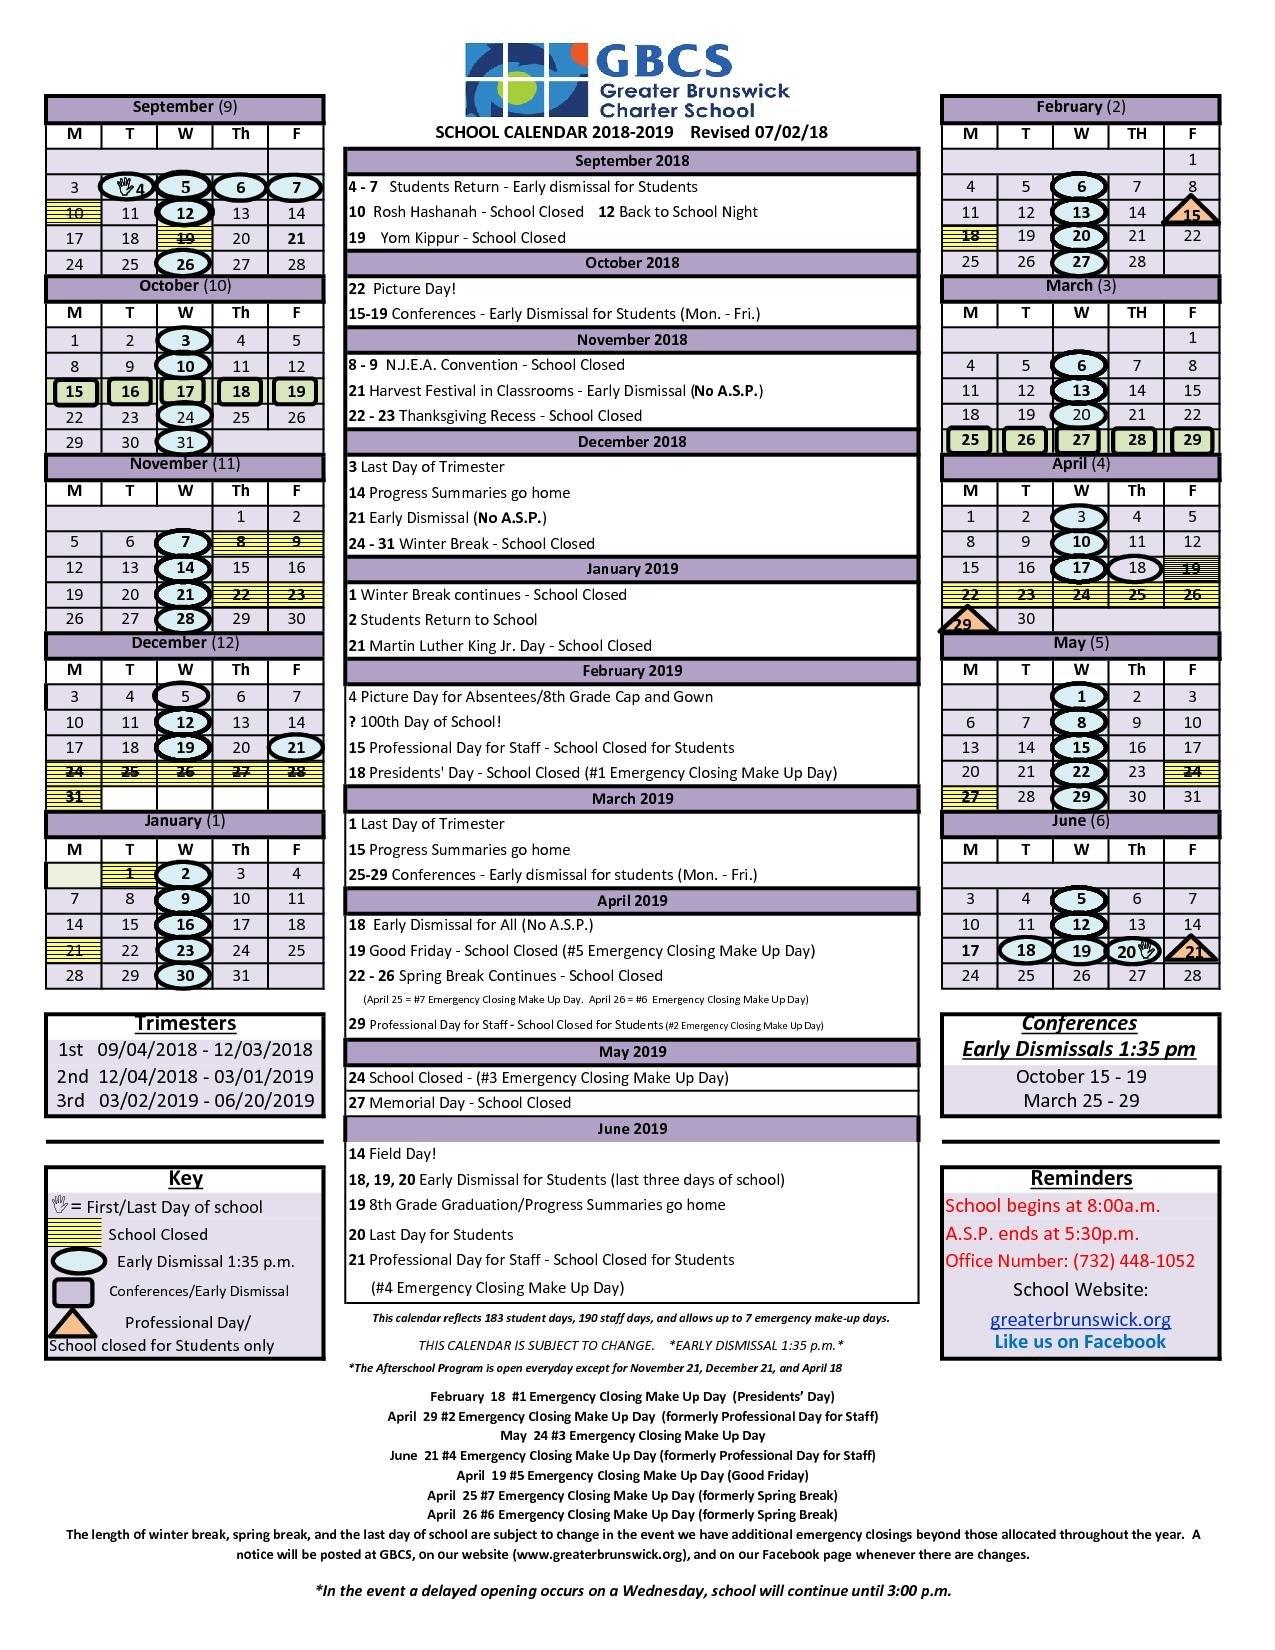 Gbcs 2018 2019 Calendar – Greater Brunswick Charter School Unit 5 Calendar 2019